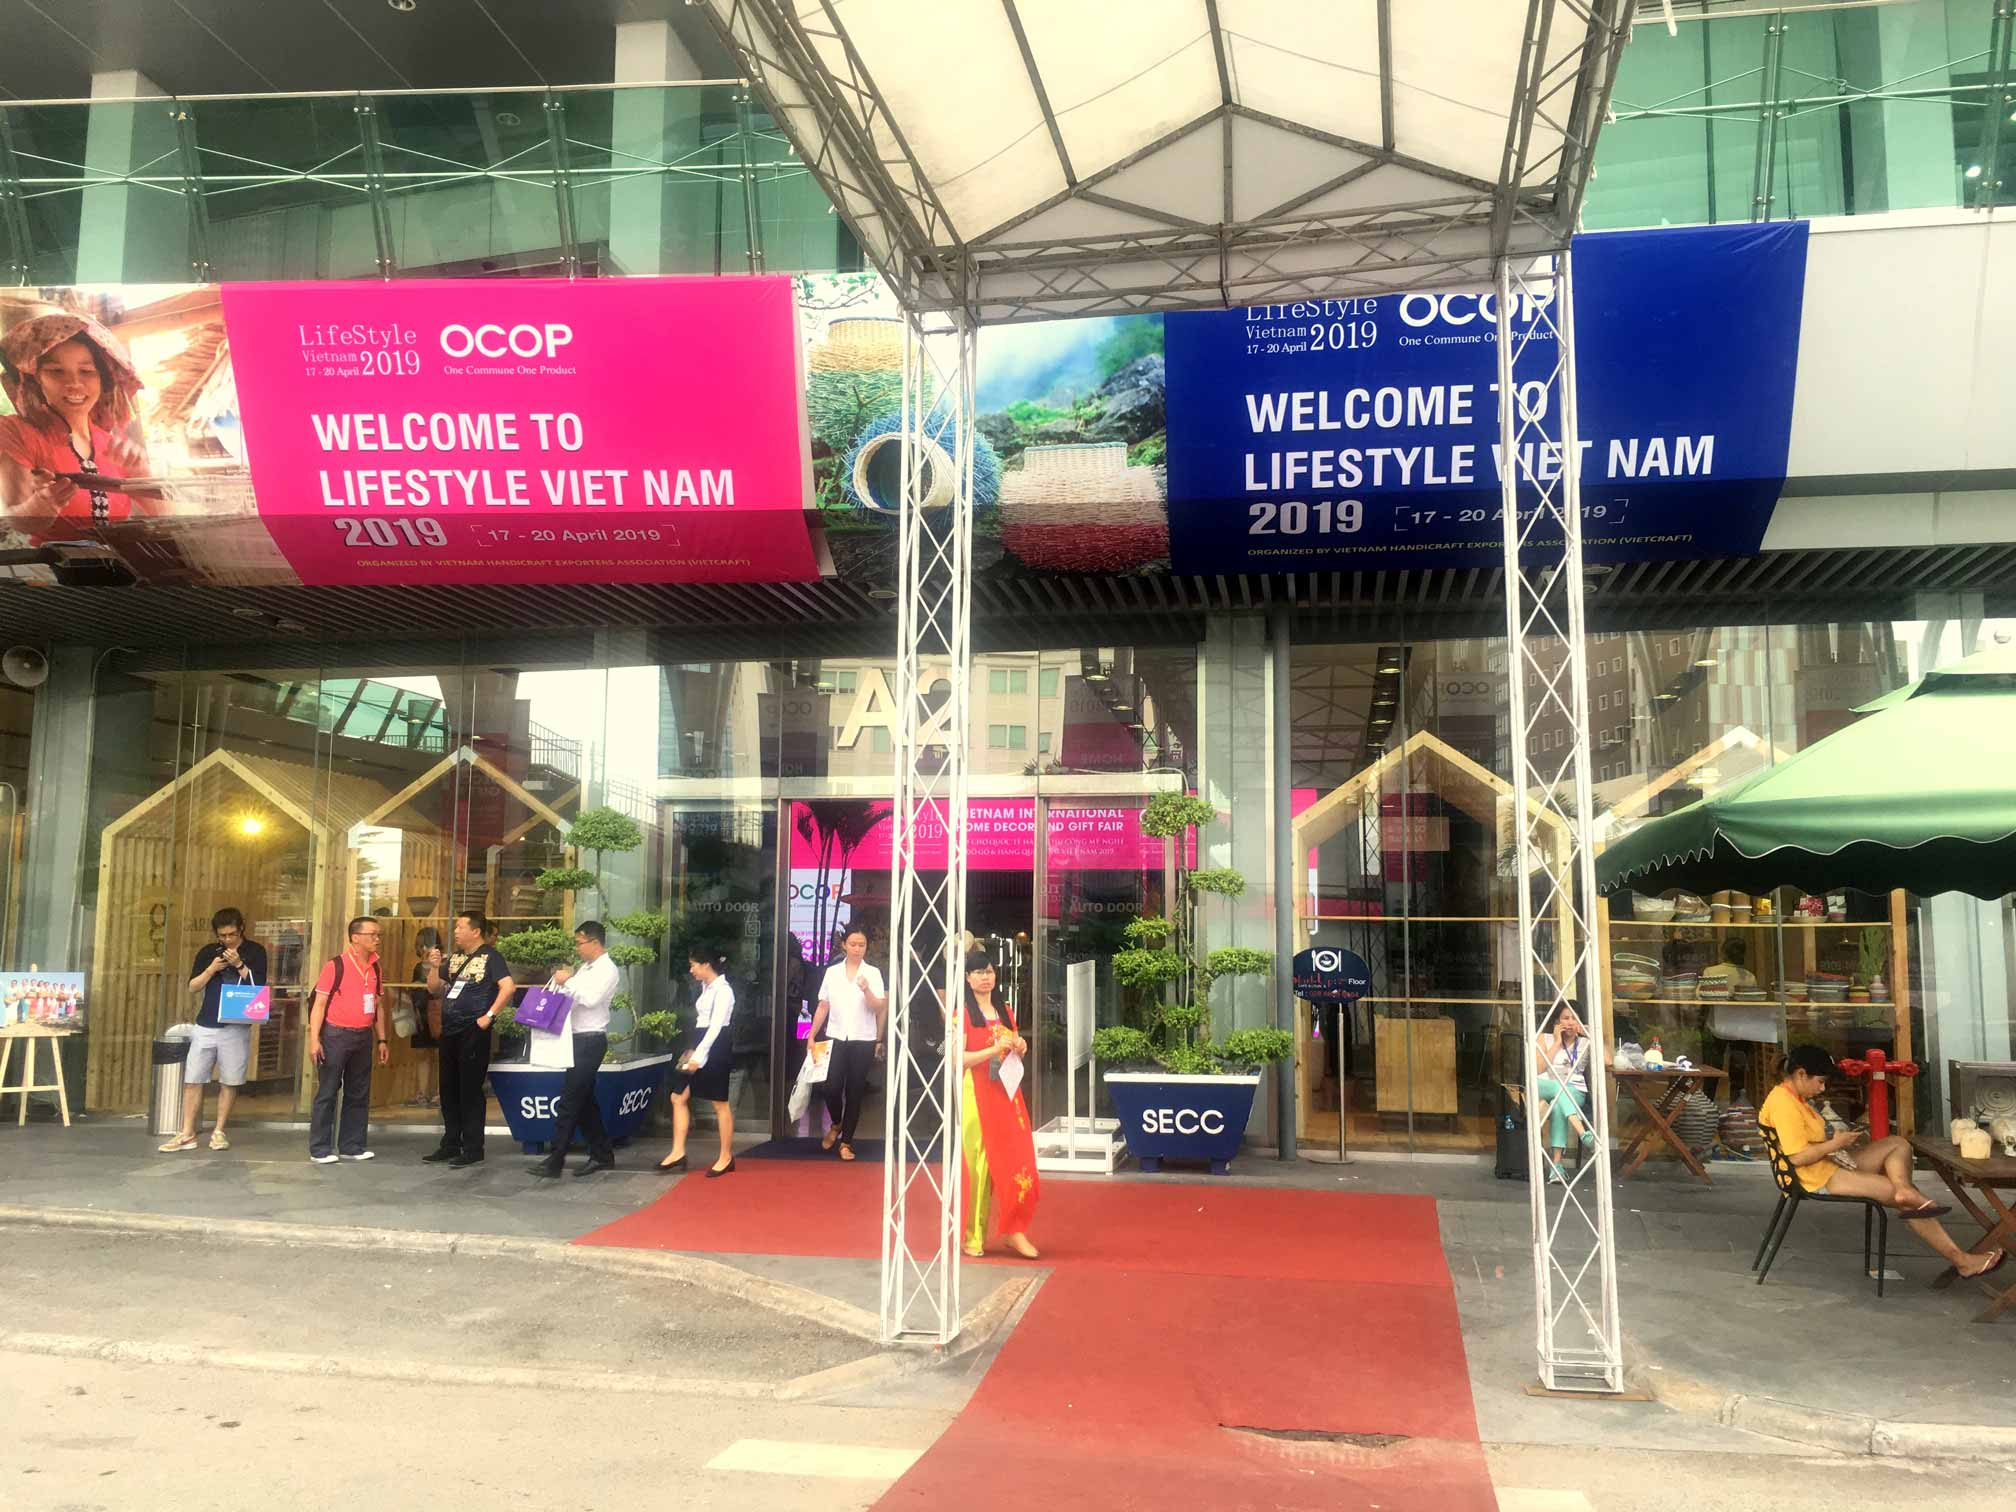 Khuyến Mãi 5% – Hội Chợ Quốc Tế OCOP Và Lifestyle Vietnam 2019